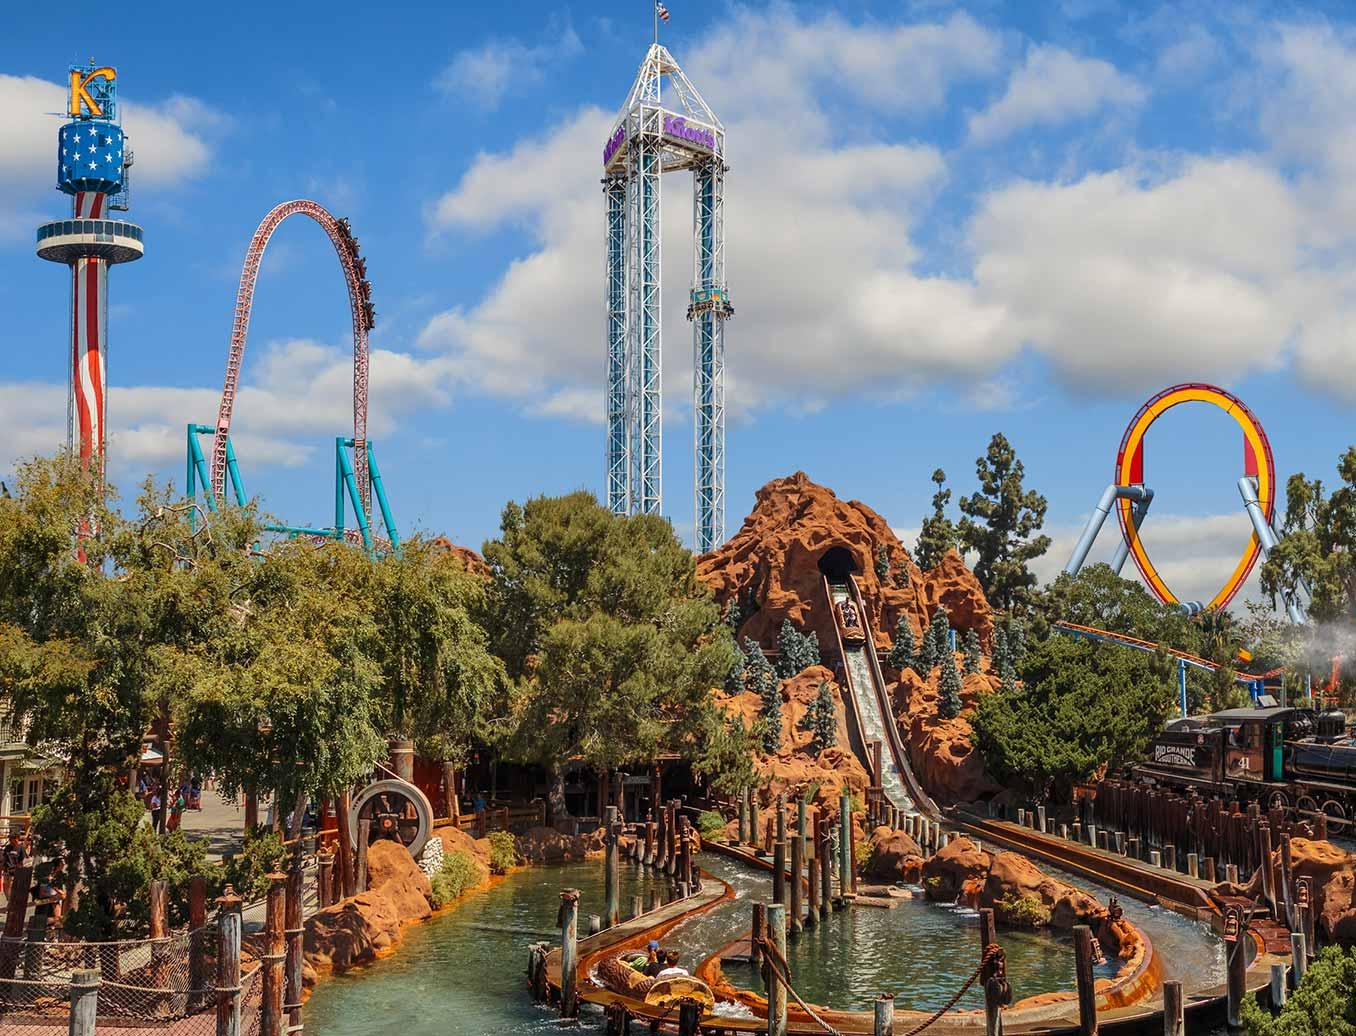 California S Best Theme Park Amusement Park Knott S Berry Farm